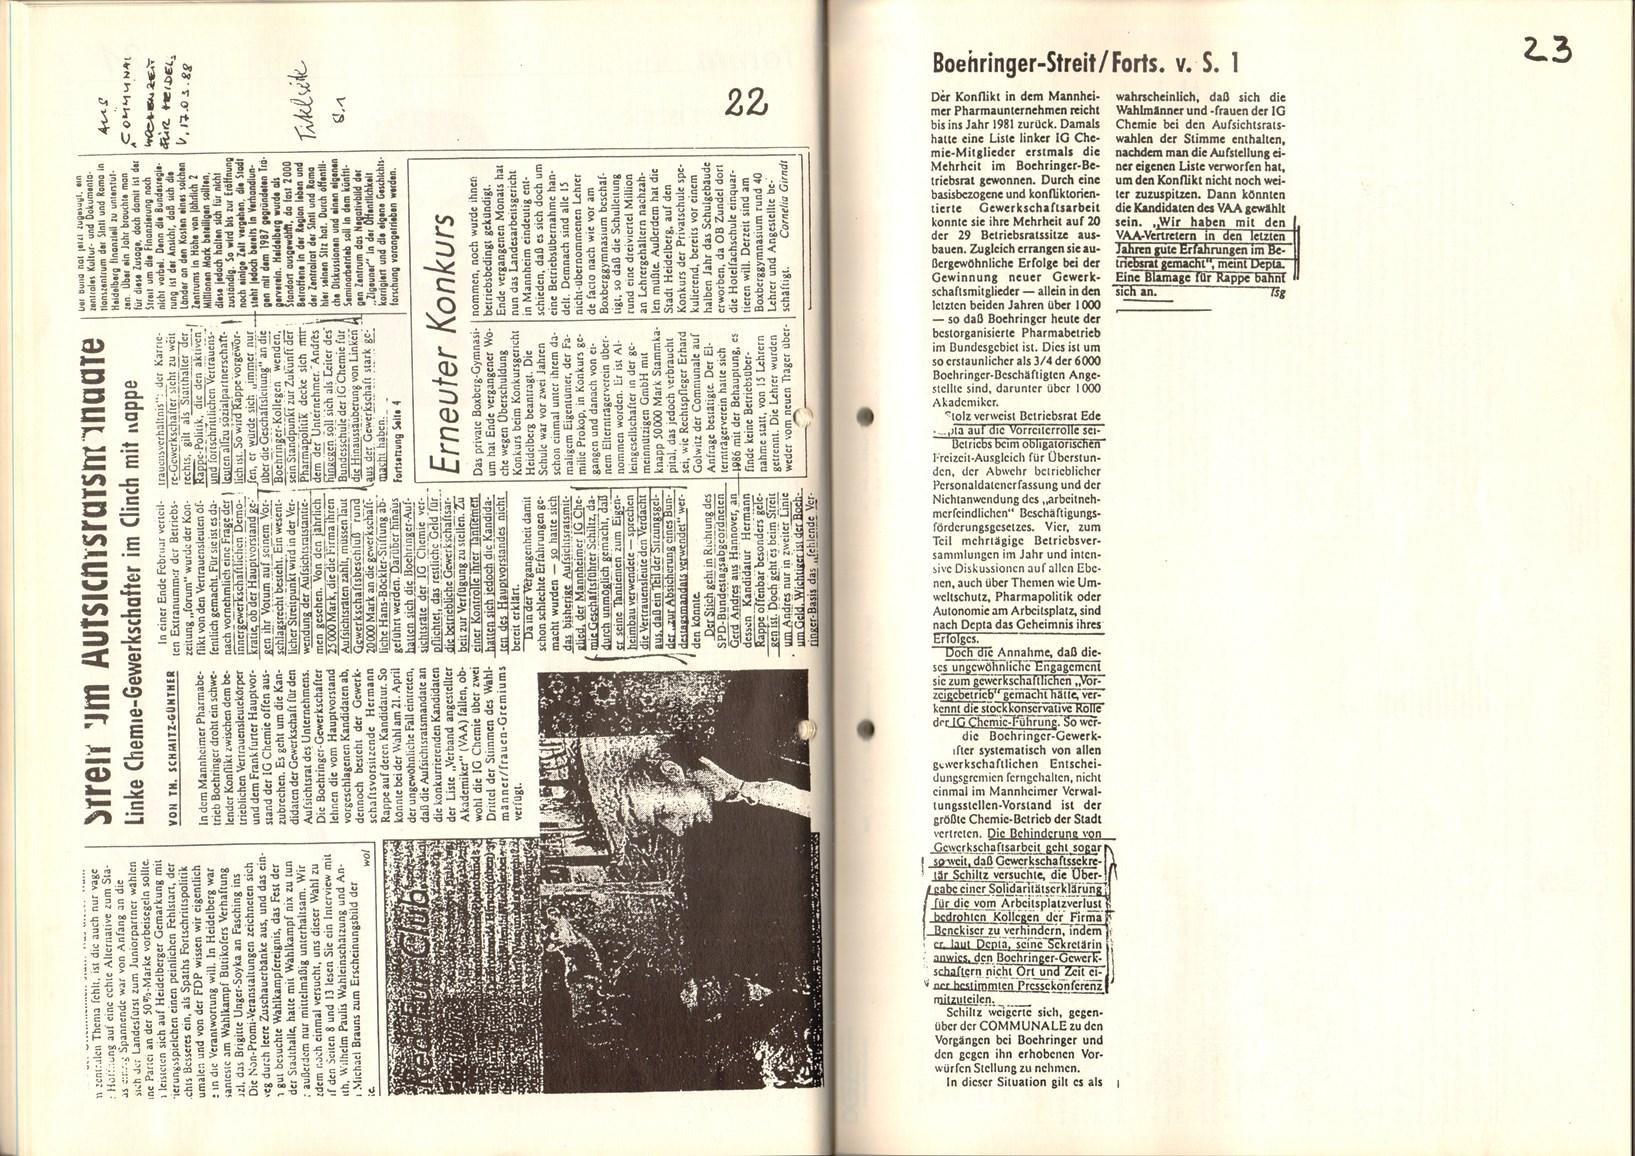 Mannheim_Boehringer_Ausschluss_VKL_Doku1_1988_32